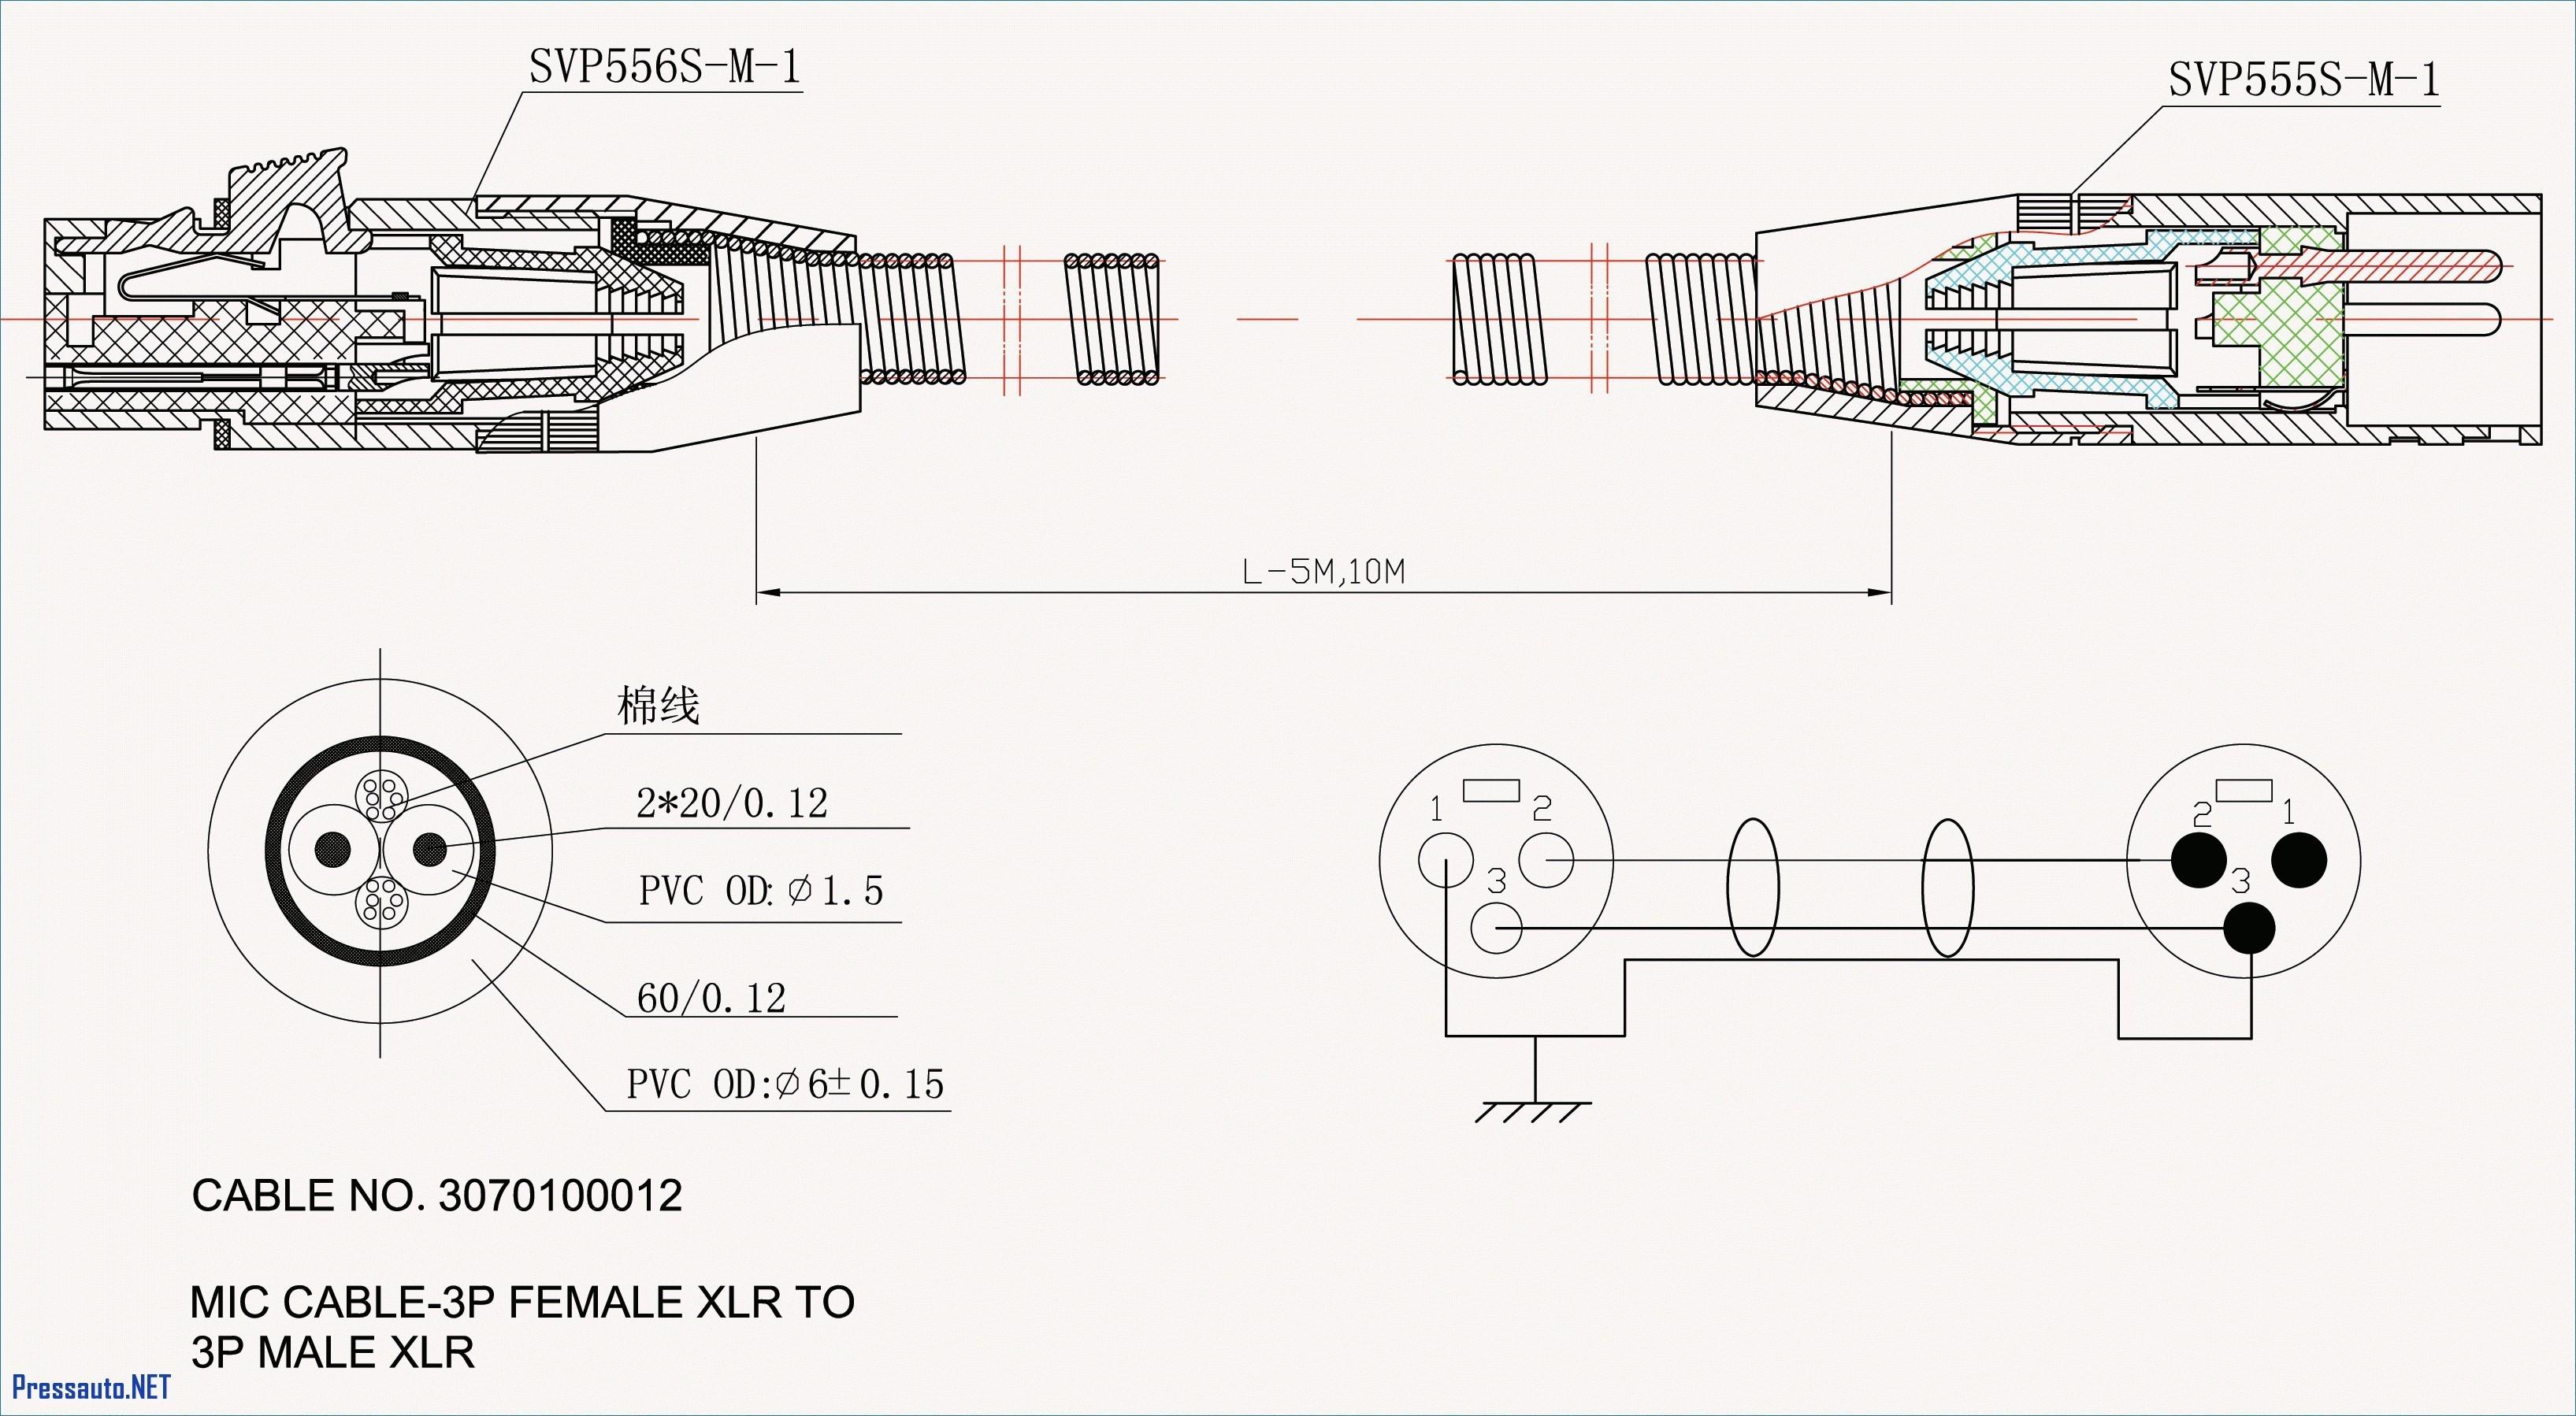 2001 Kia Spectra Engine Diagram Take A Look About 2001kia with Mesmerizing Gallery Of 2001 Kia Spectra Engine Diagram